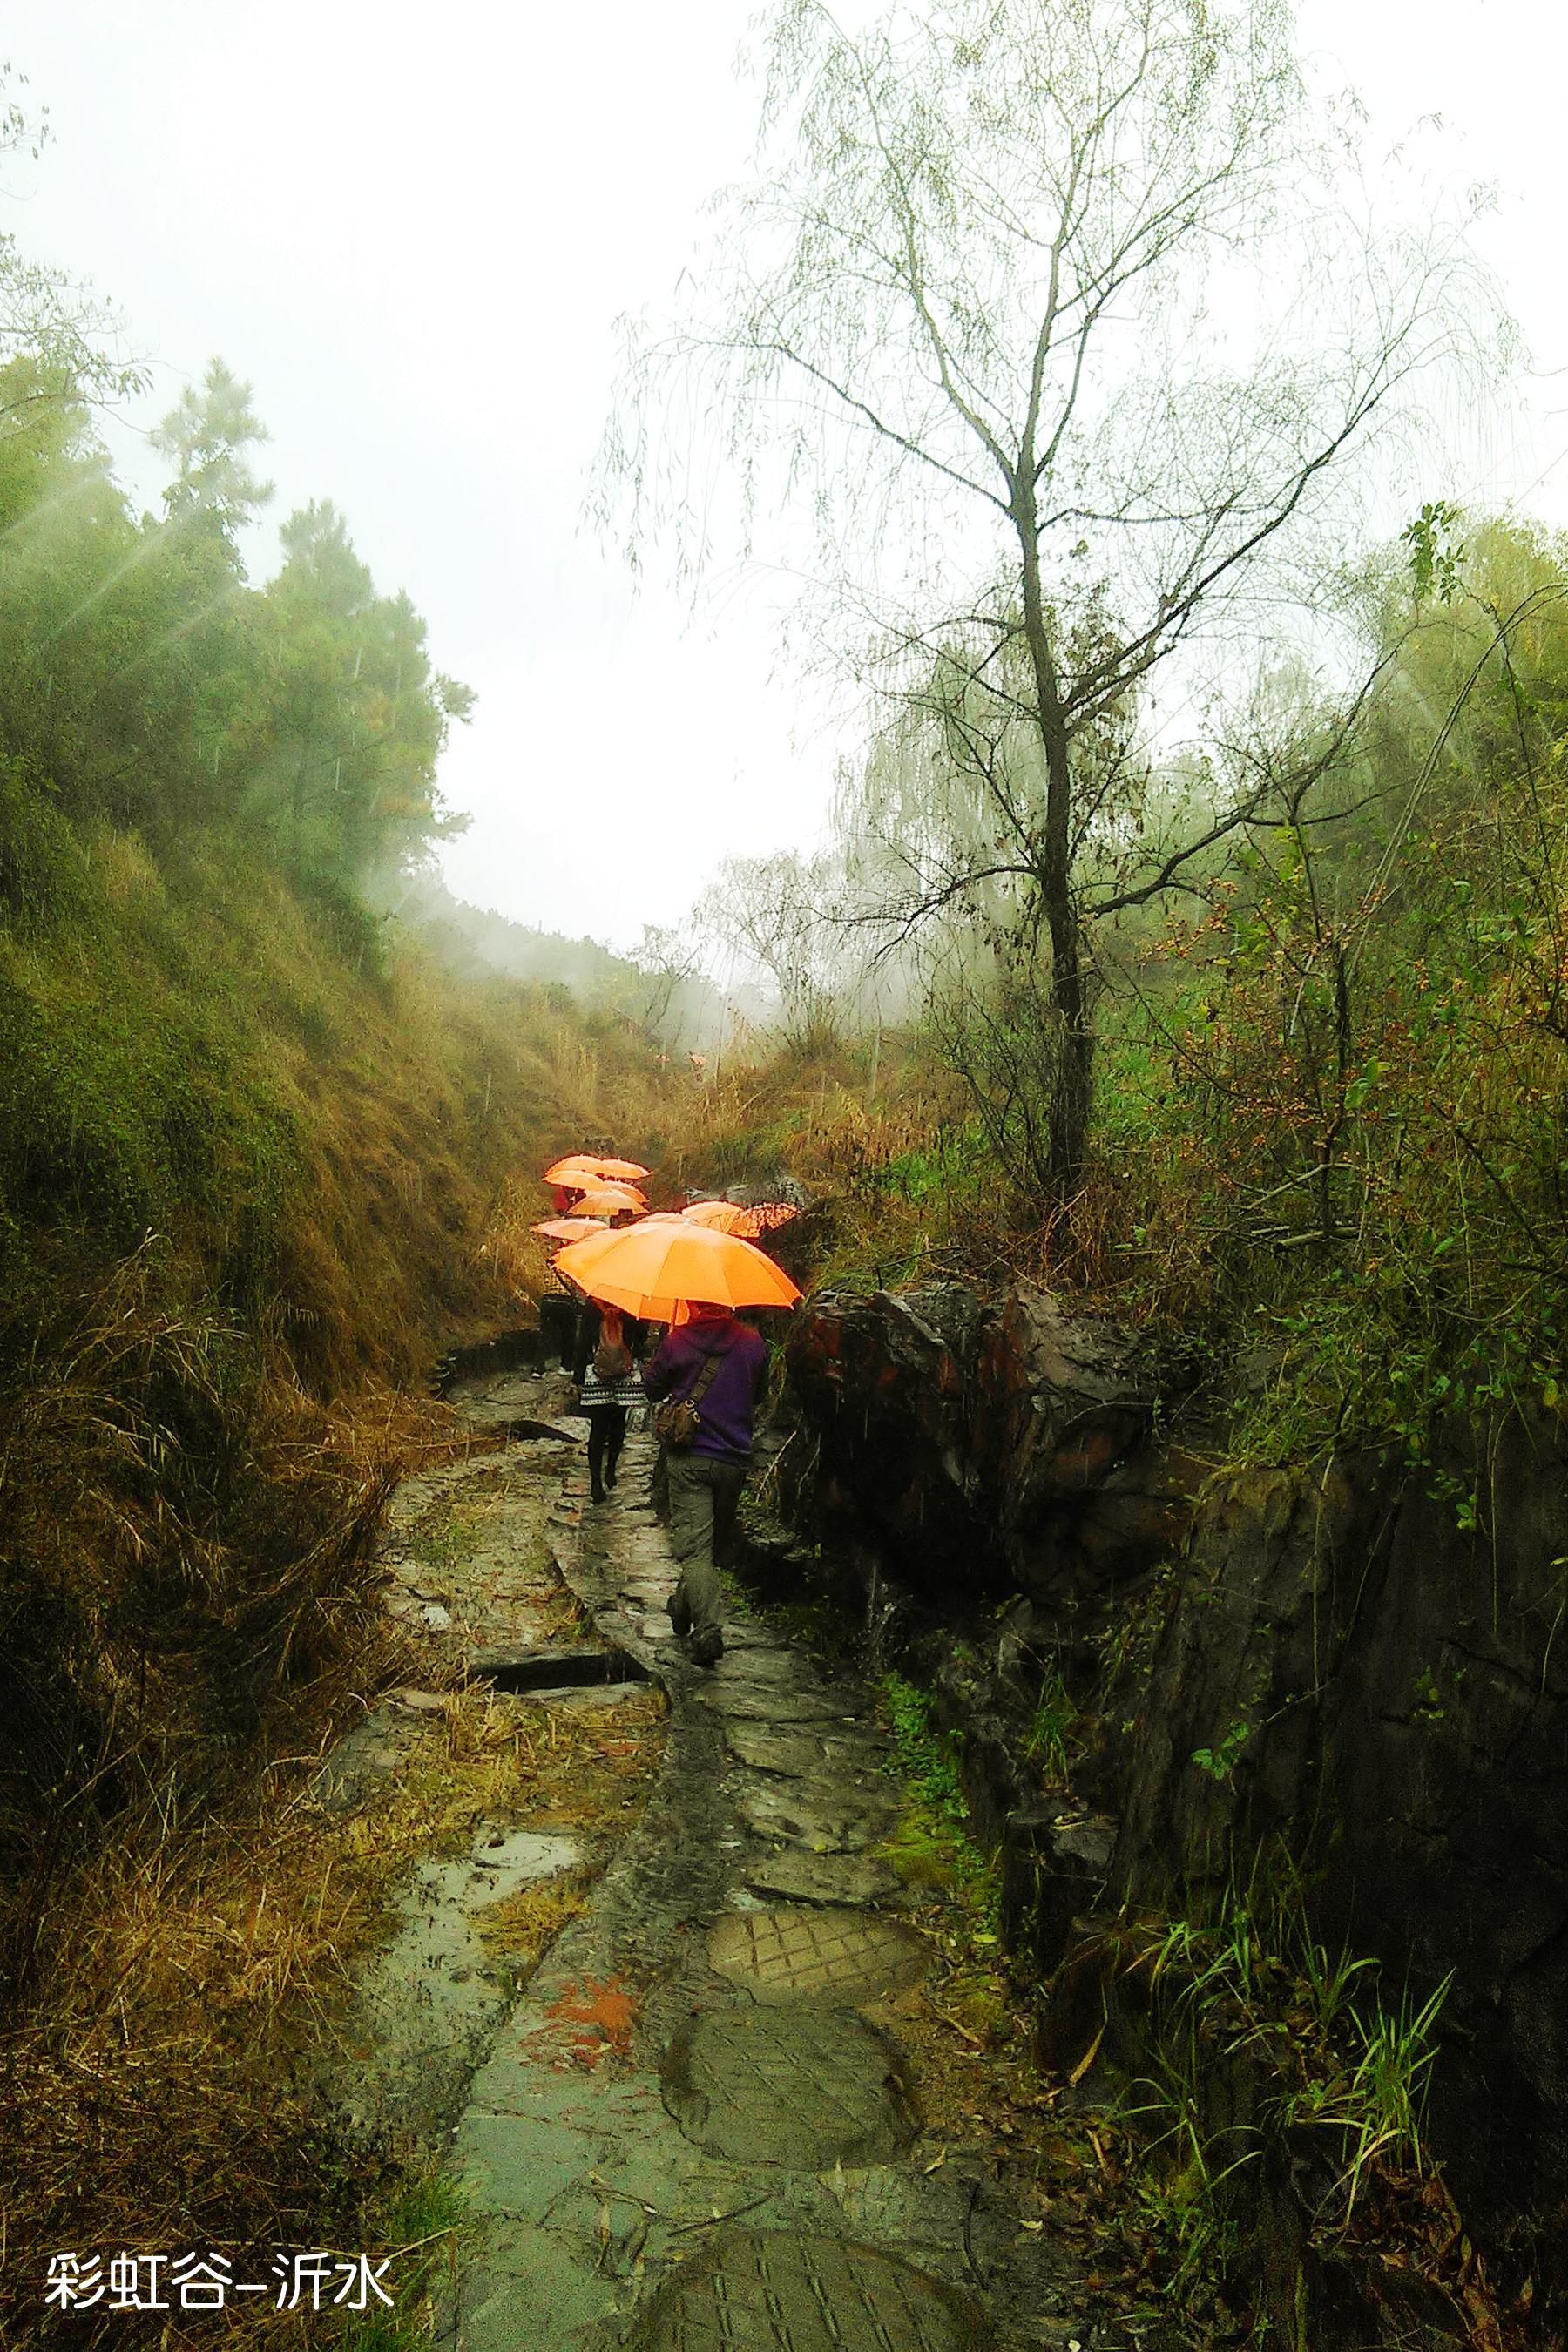 临沂蒙山沂水两日游(二〇一五)